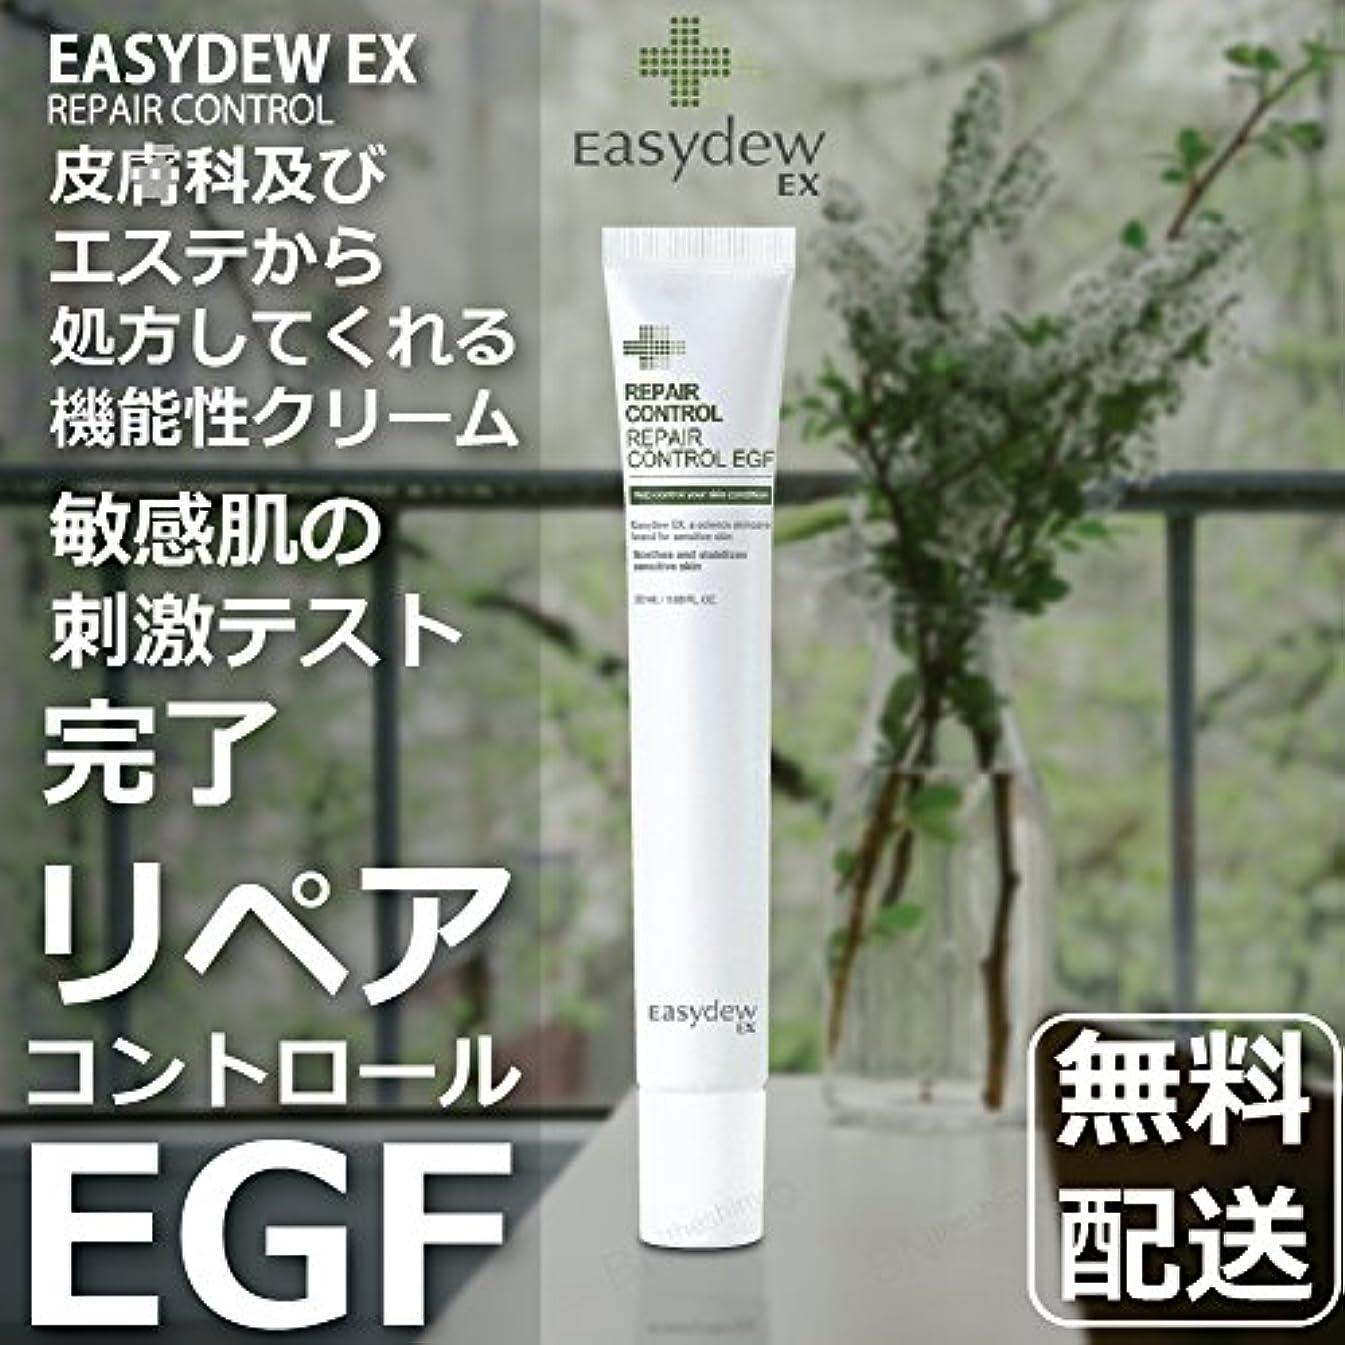 レポートを書く放牧するハシーデウン製薬 リペア コントロール EGF 20ml. Repair Control EGF 20ml.